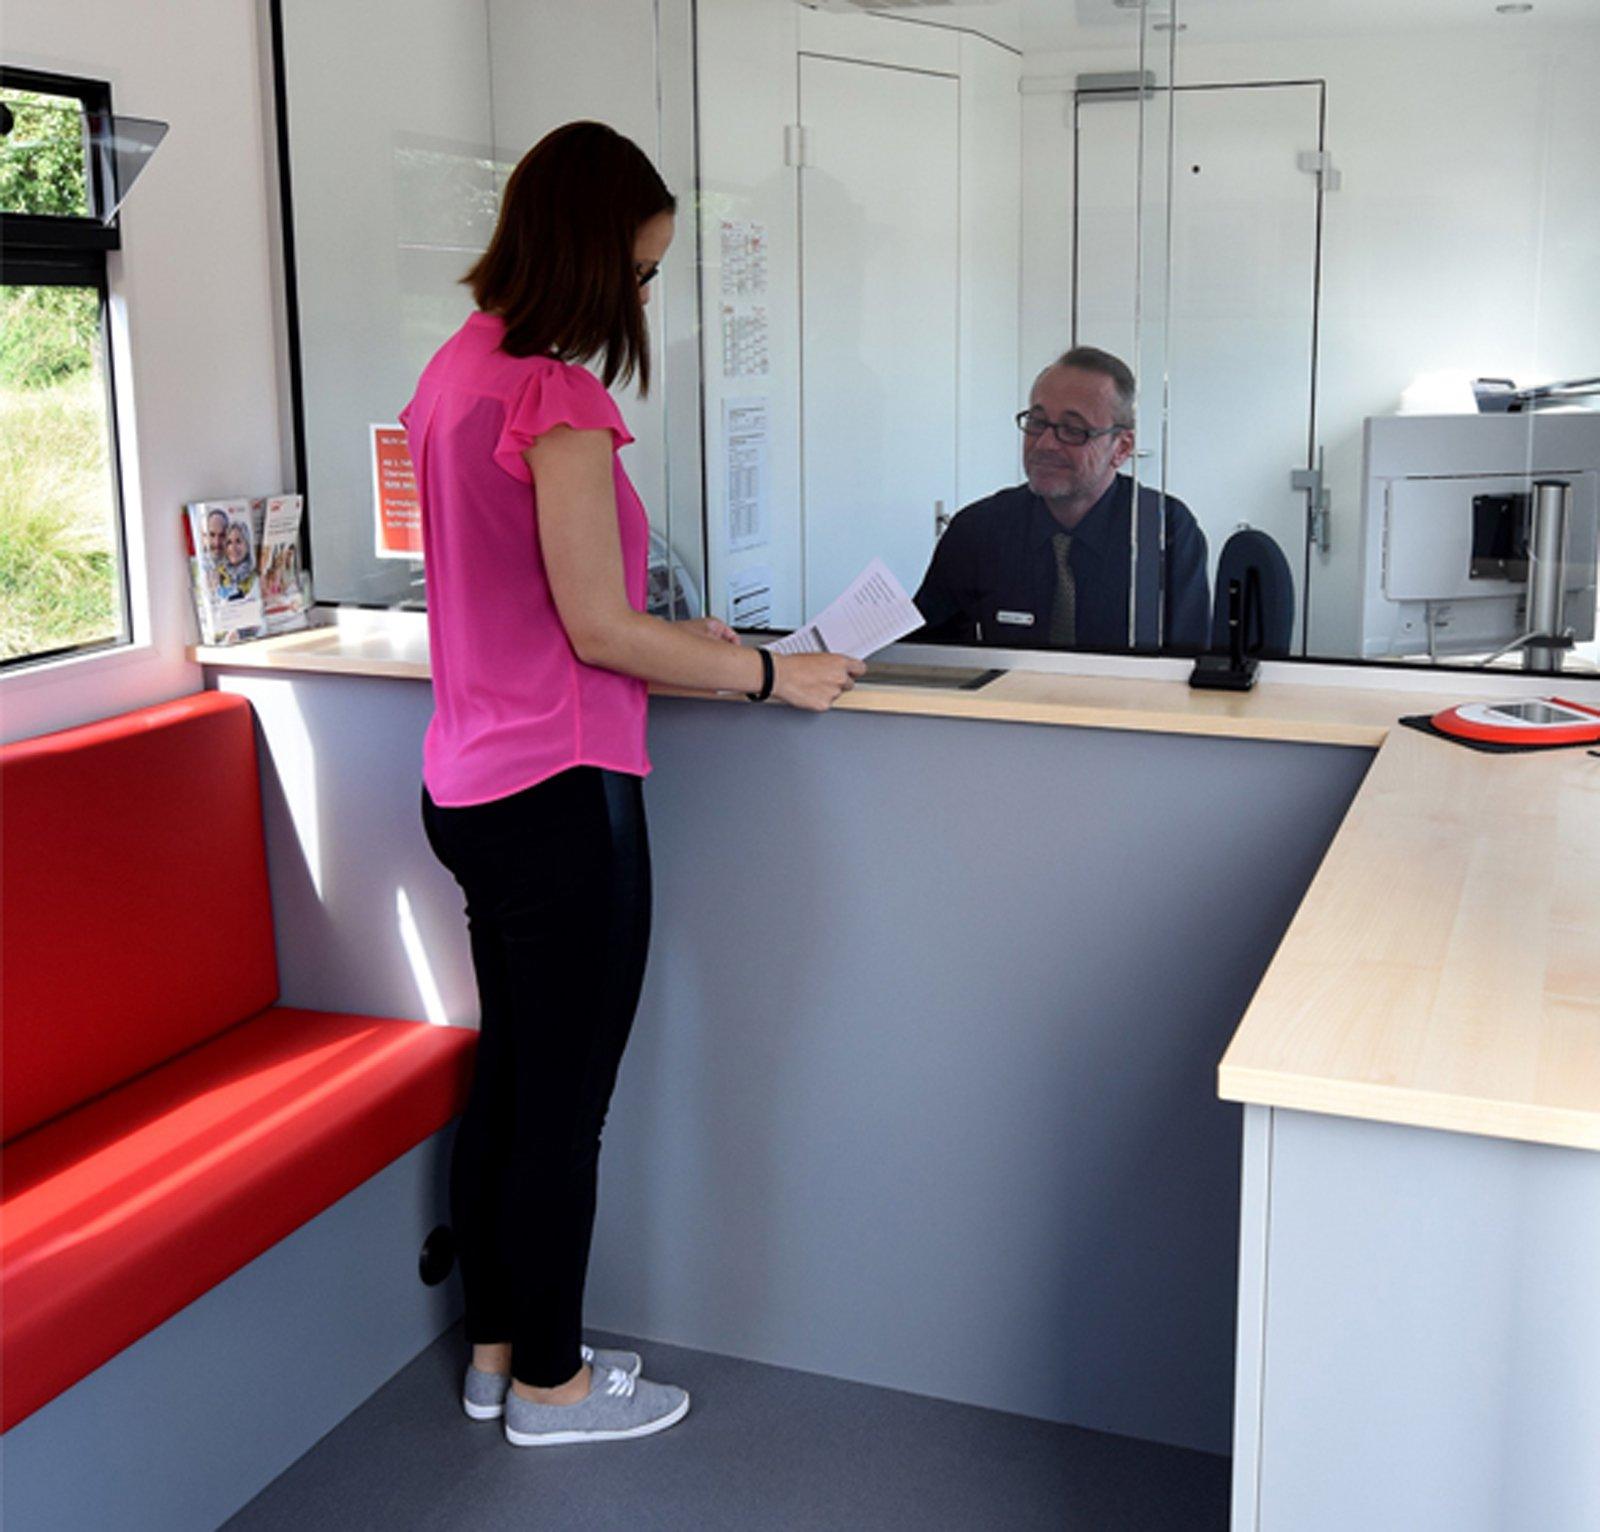 Bilen utgår från en lokal bank nära Stuttgart och i Sprintern kan kunderna dels ta ut pengar, dels uträtta bankärenden när det gäller allt från rådgivning och lån till aktieförsäljning och kontohantering.